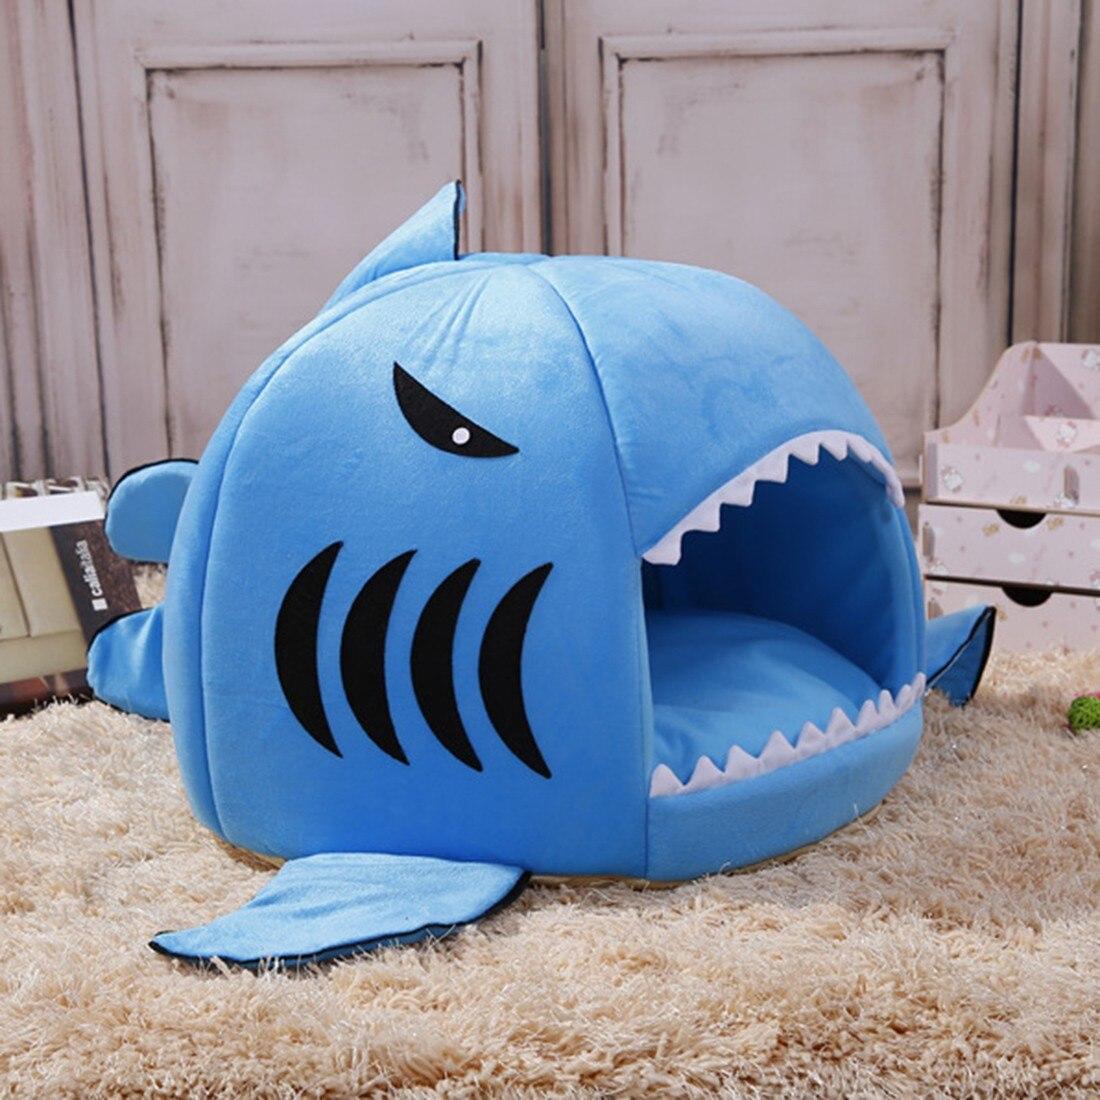 Blauw haaienbedje mand zijkant voor de kat